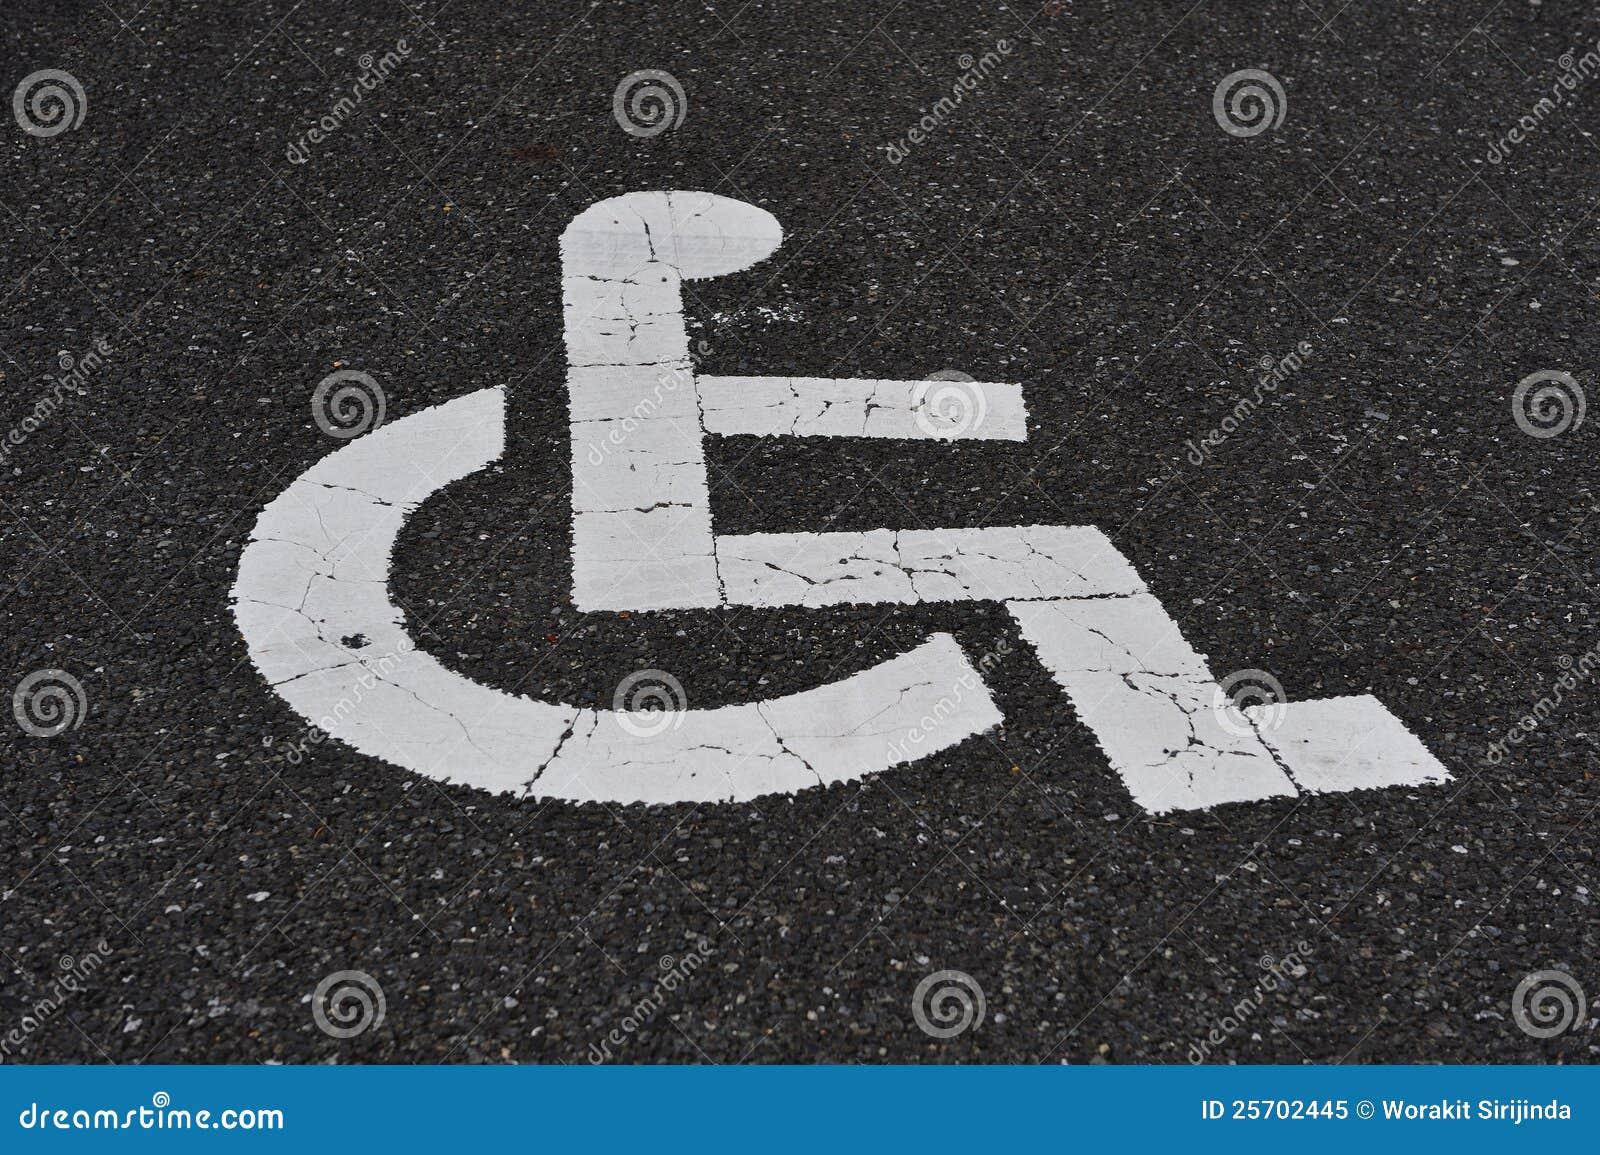 Handikap-Zeichen